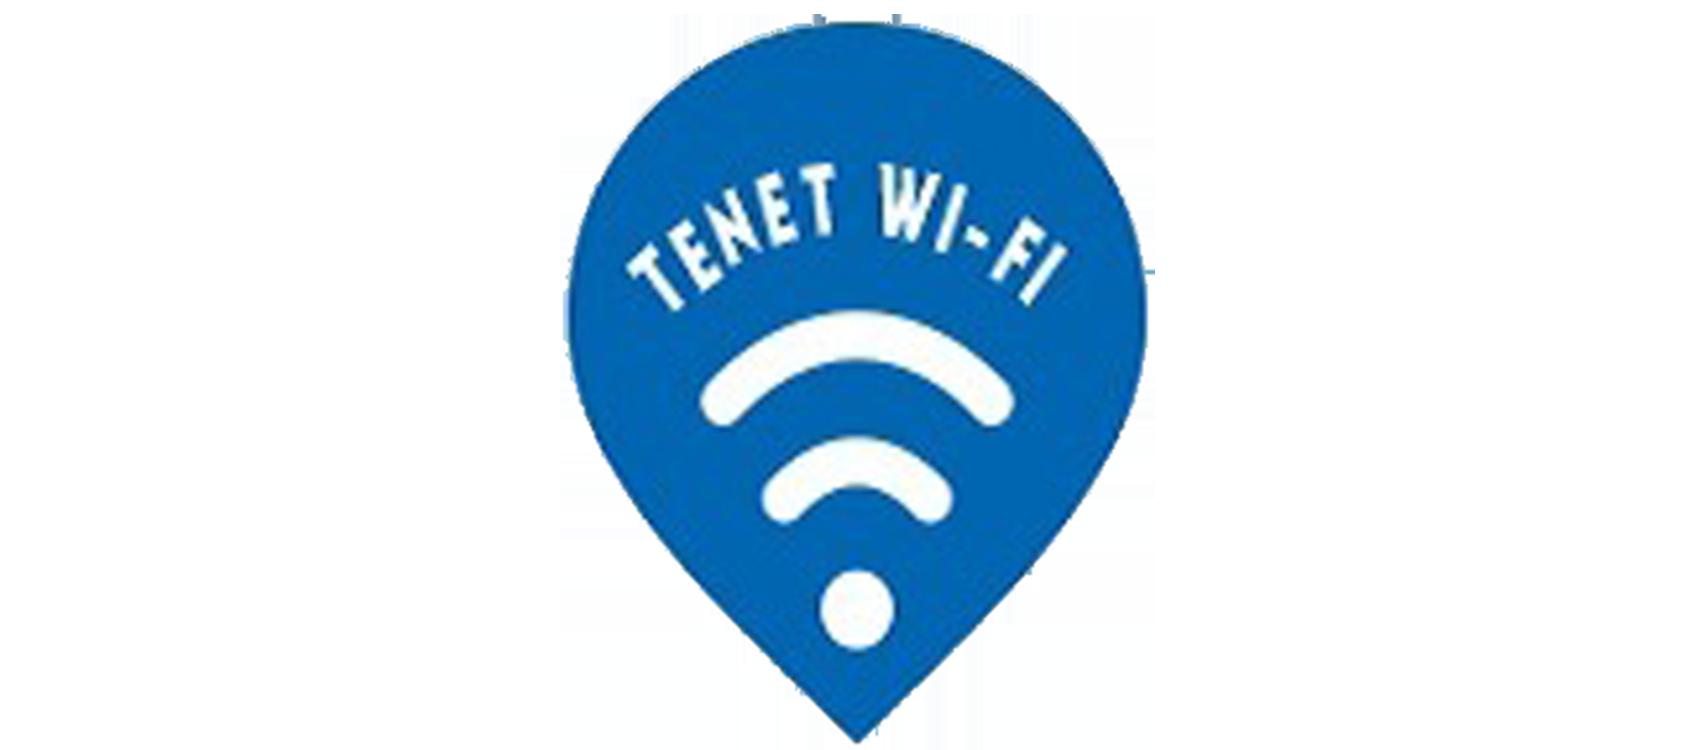 Tenet Wi-Fi - Сутки  (Одесса) - 15 грн.